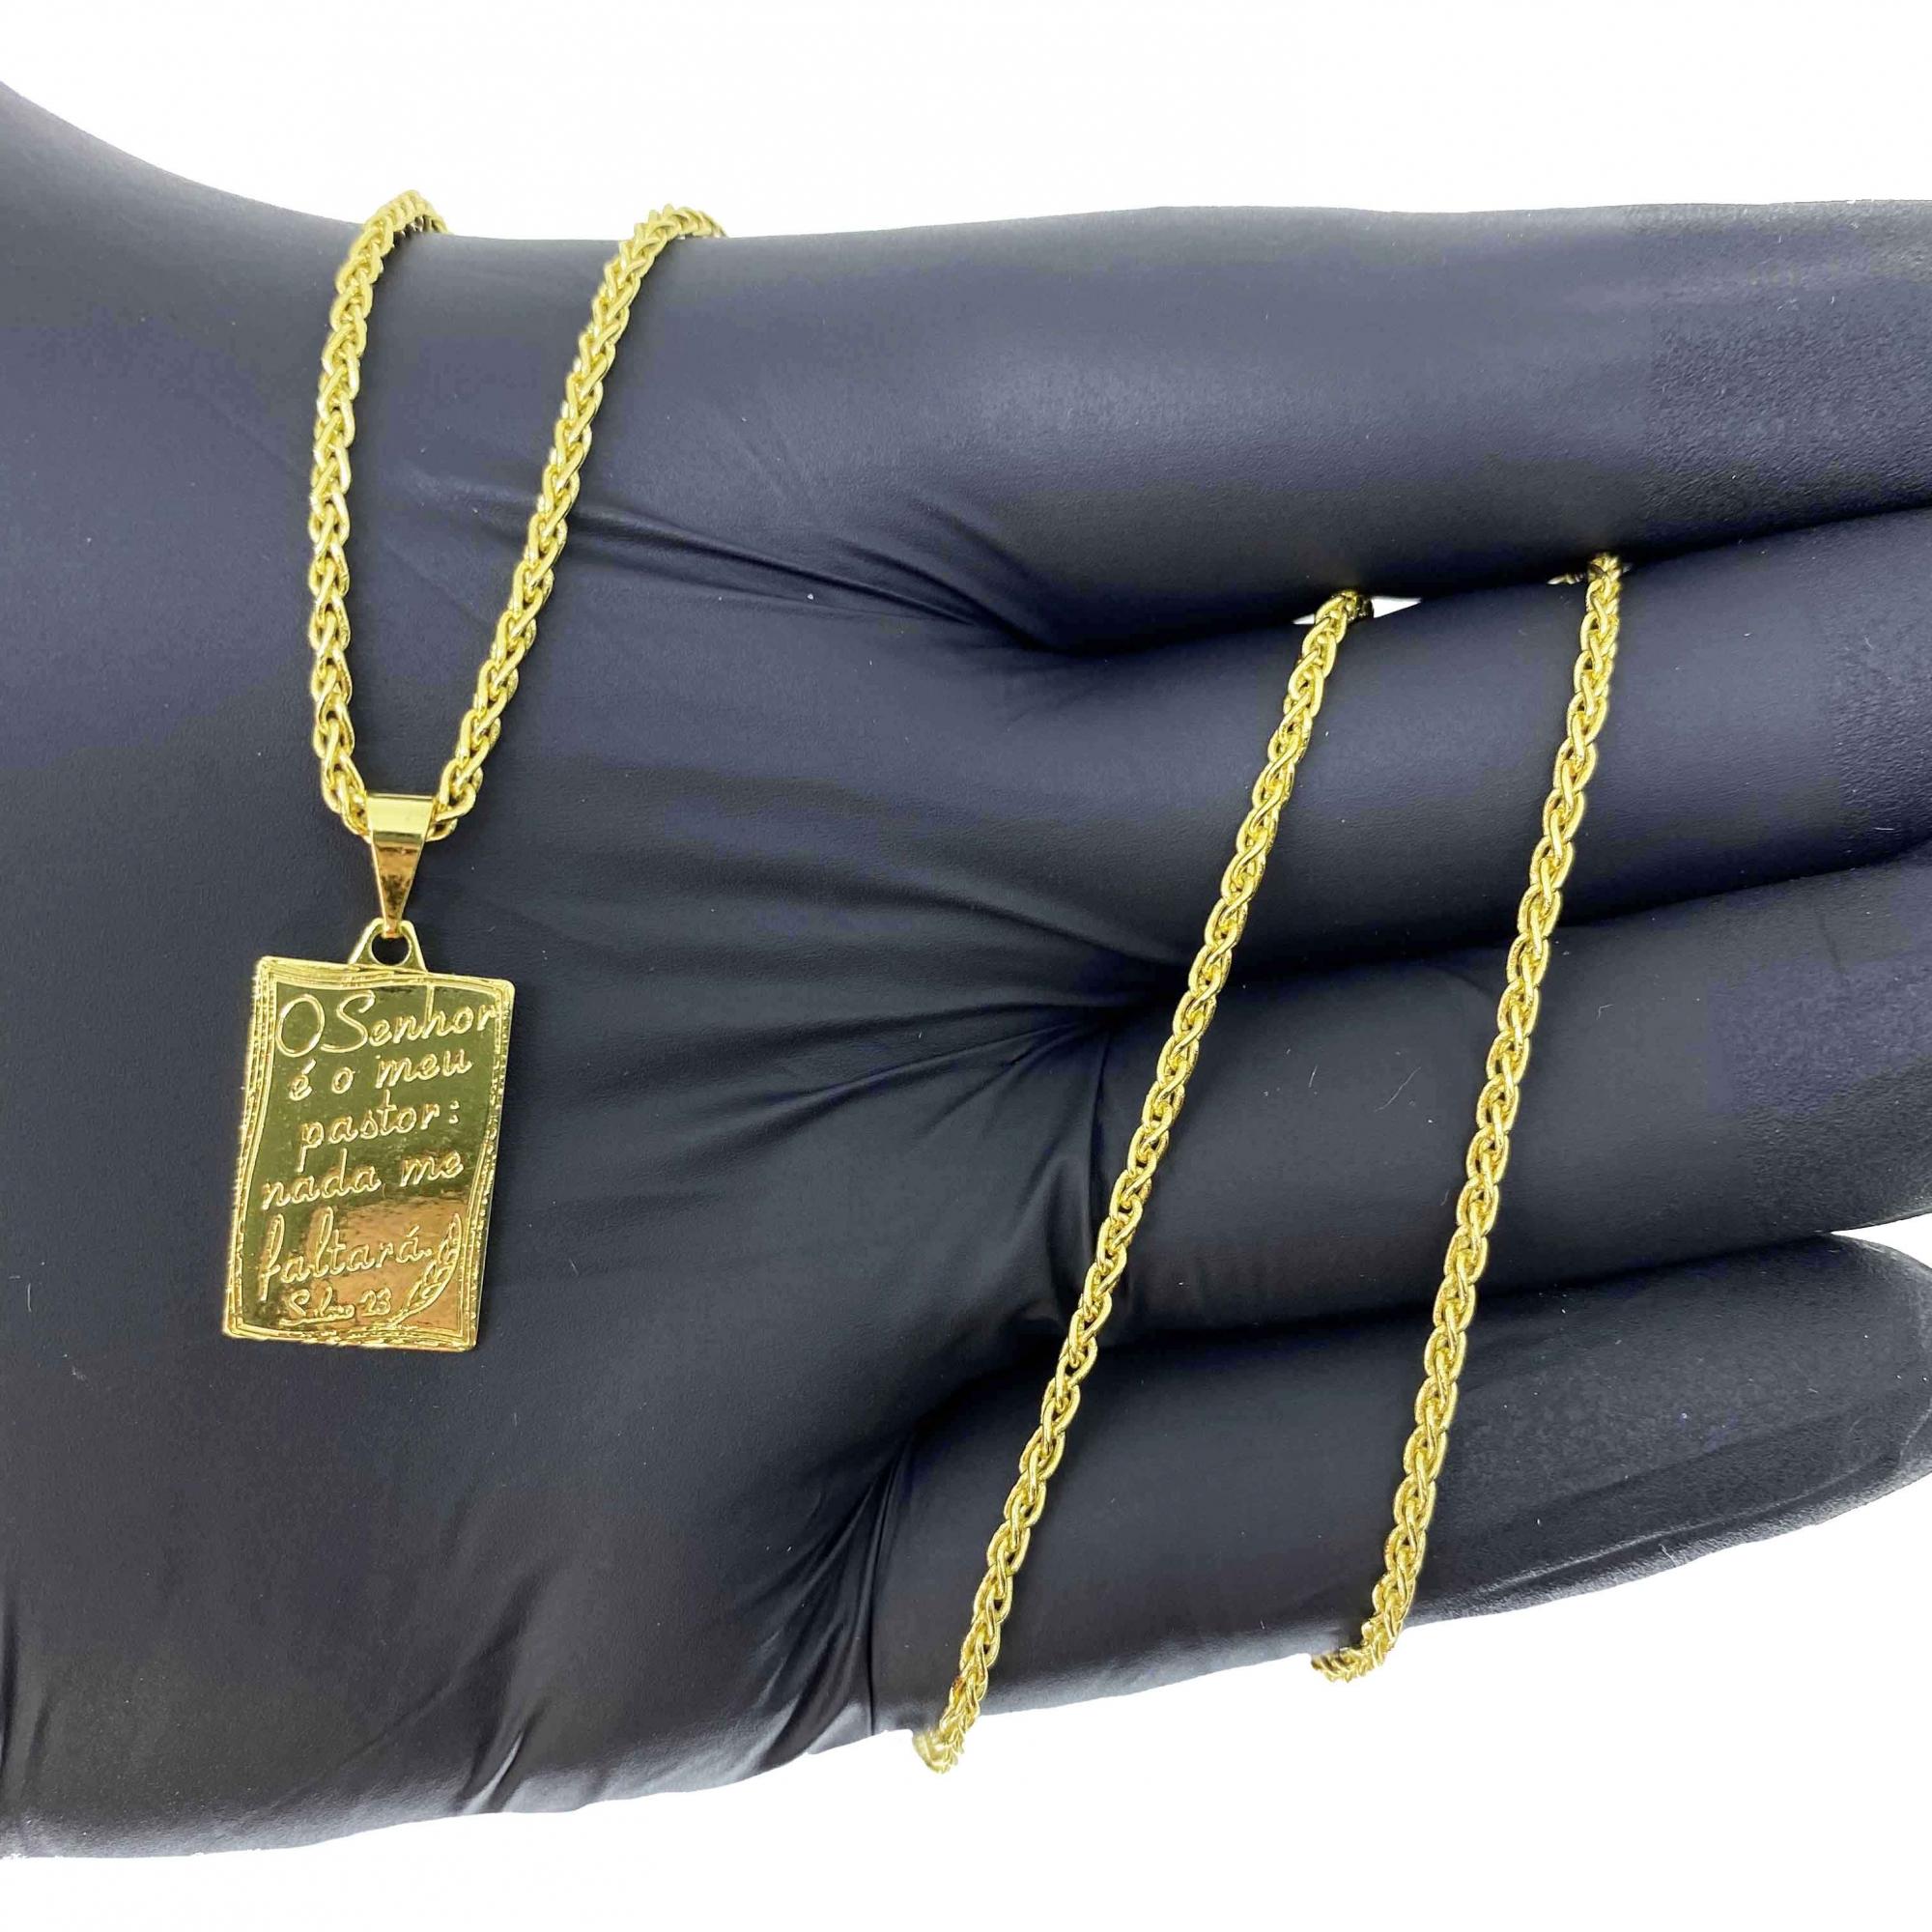 Corrente Peruana 2mm 70cm 7,5g + Pingente Placa ''O senhor é Meu Pastor'' (2g) (Banho Ouro 18k)